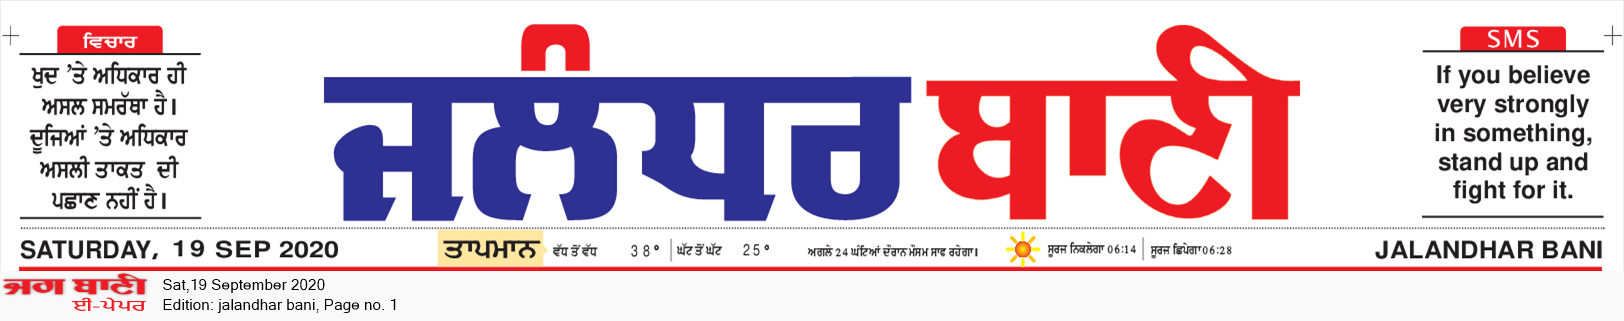 Jalandhar Bani 9/19/2020 12:00:00 AM